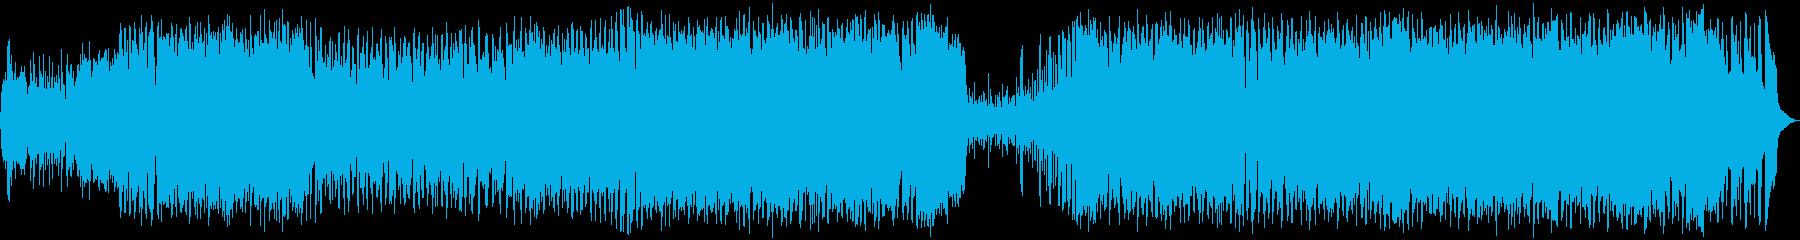 かわいらしく楽しいユーロビートの再生済みの波形